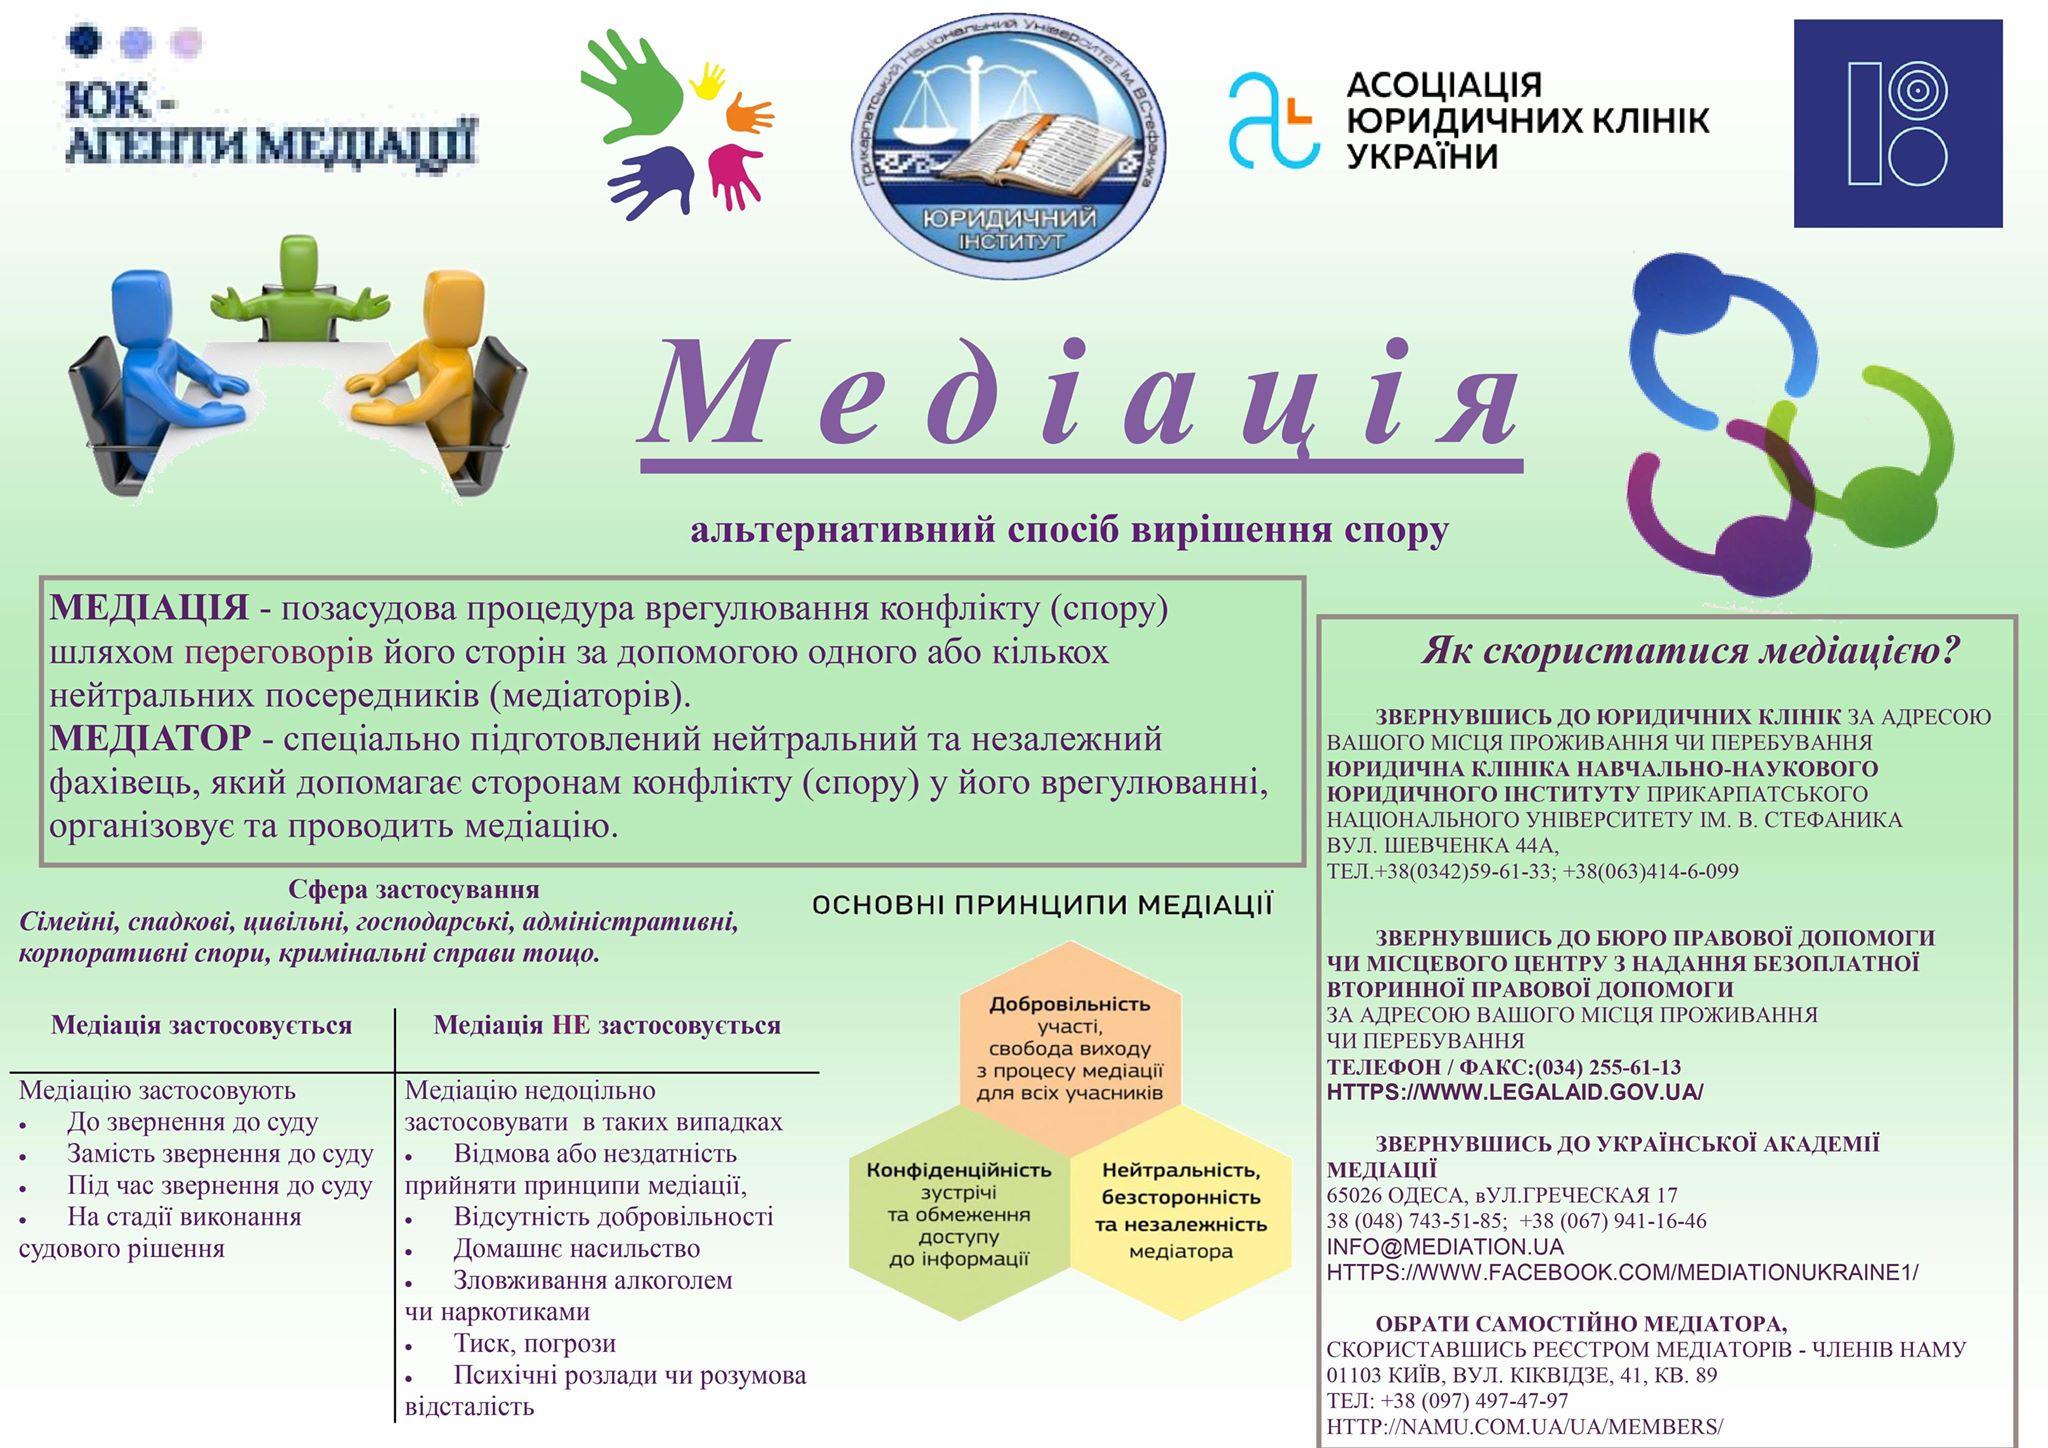 Буклет про медіацію